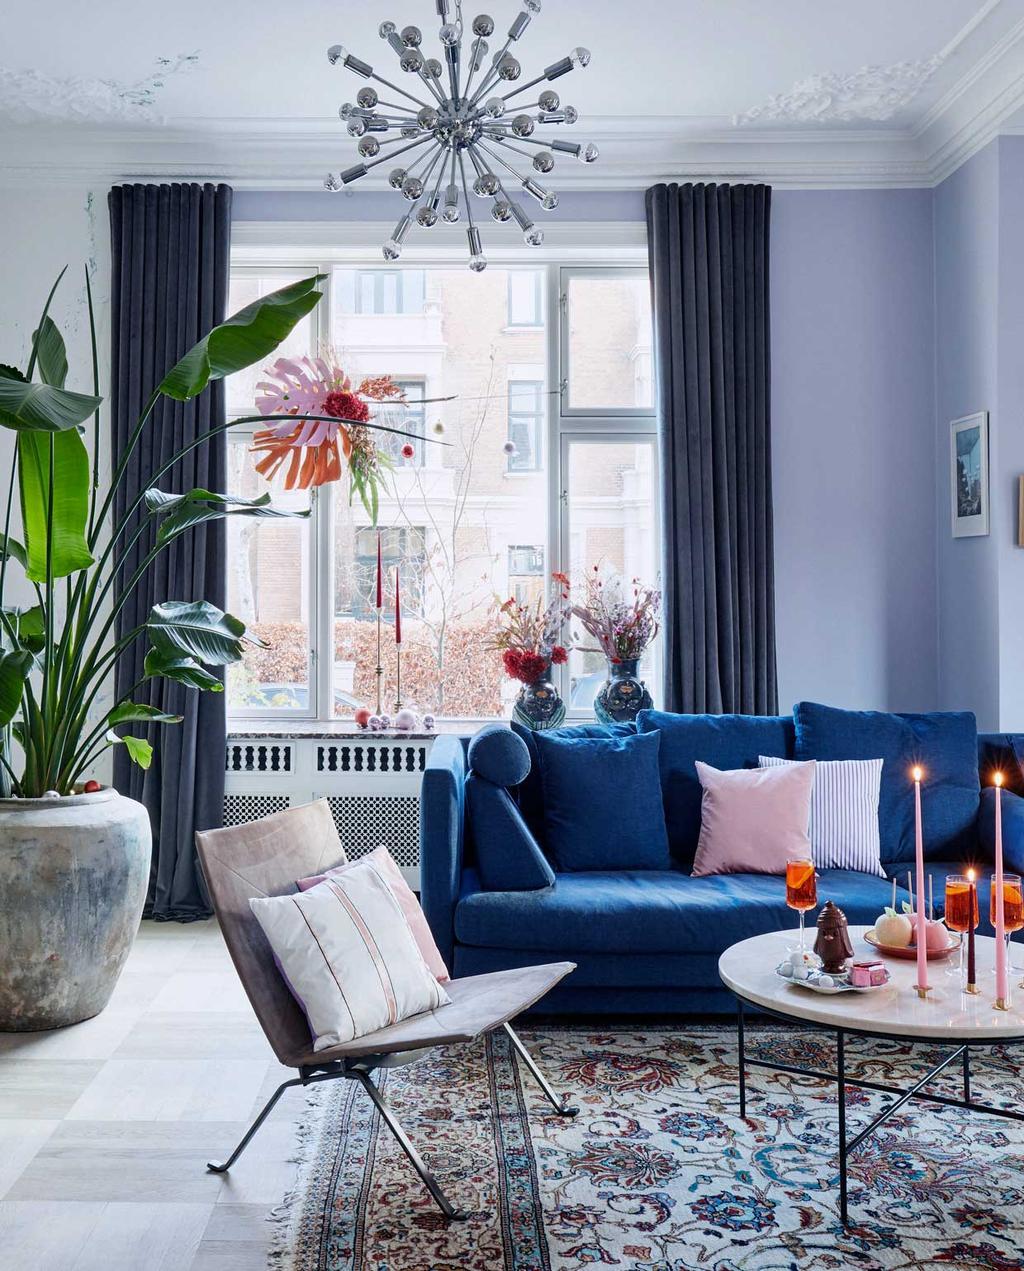 vtwonen 12-2020 BK special | binnenkijken in een kersthuis met kleurrijke woonkamer